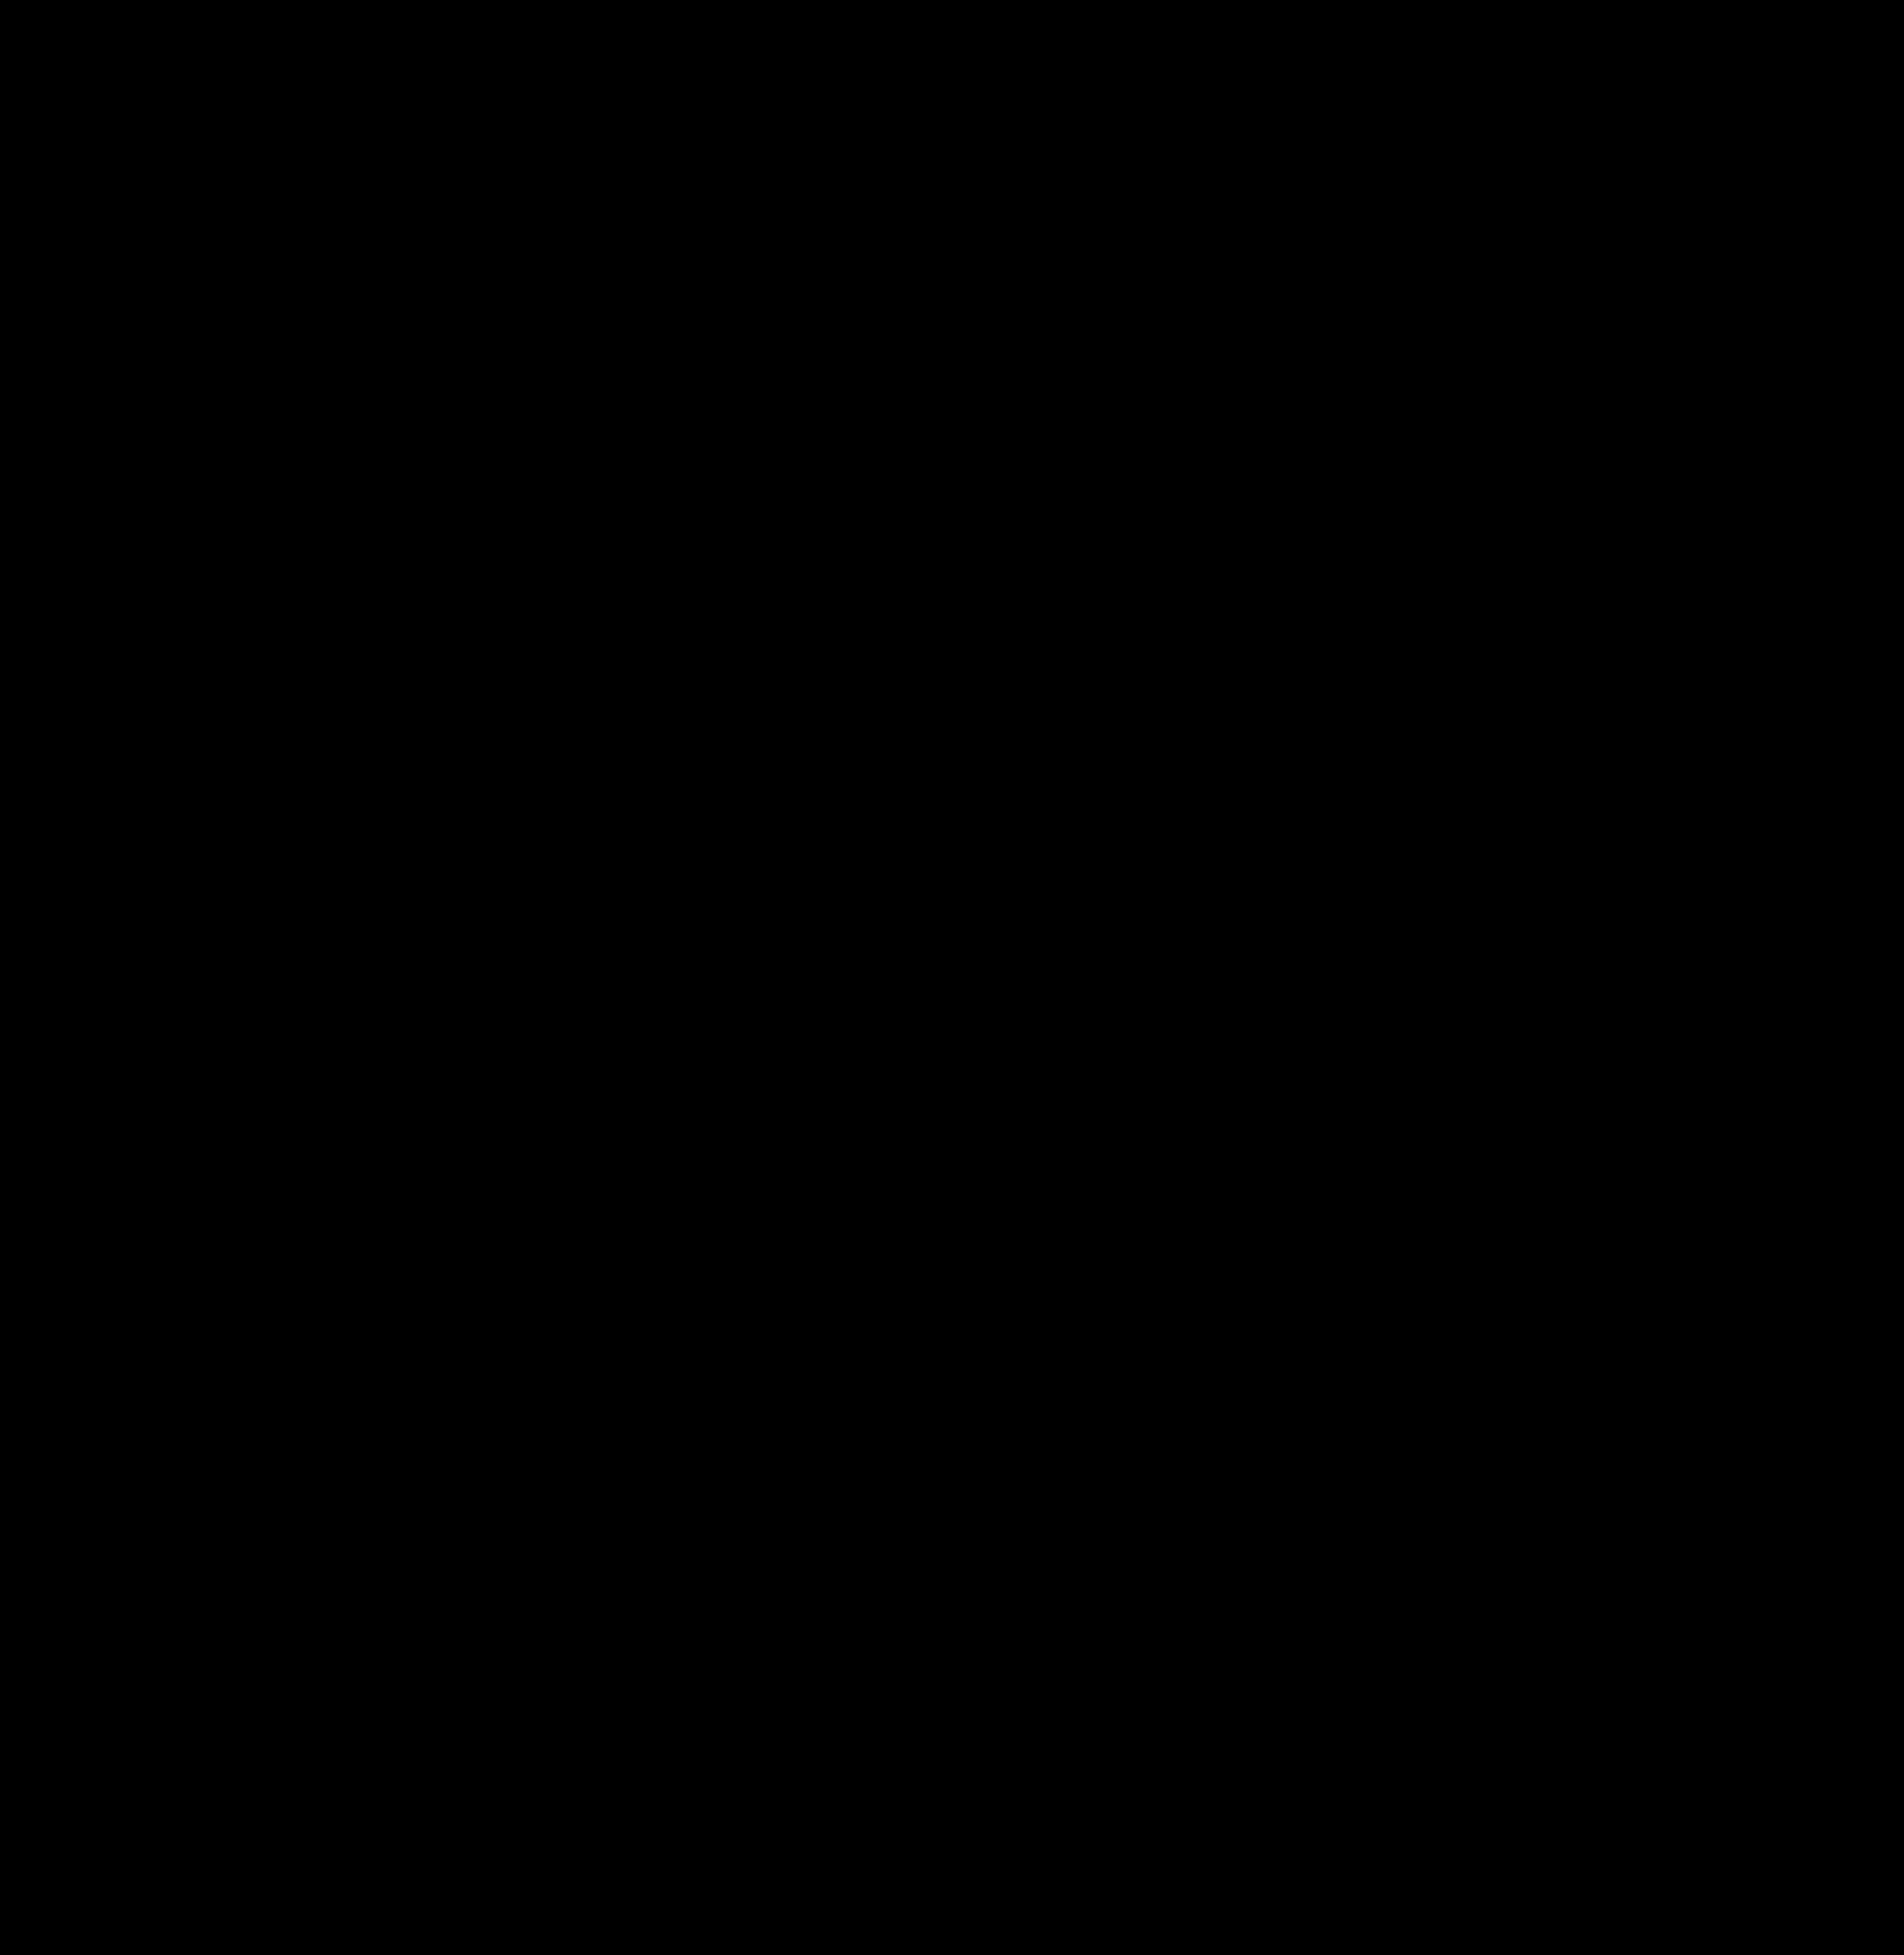 Lacoste Men Clothing Polos 1 - Clipart Shopping Bag Logo ...